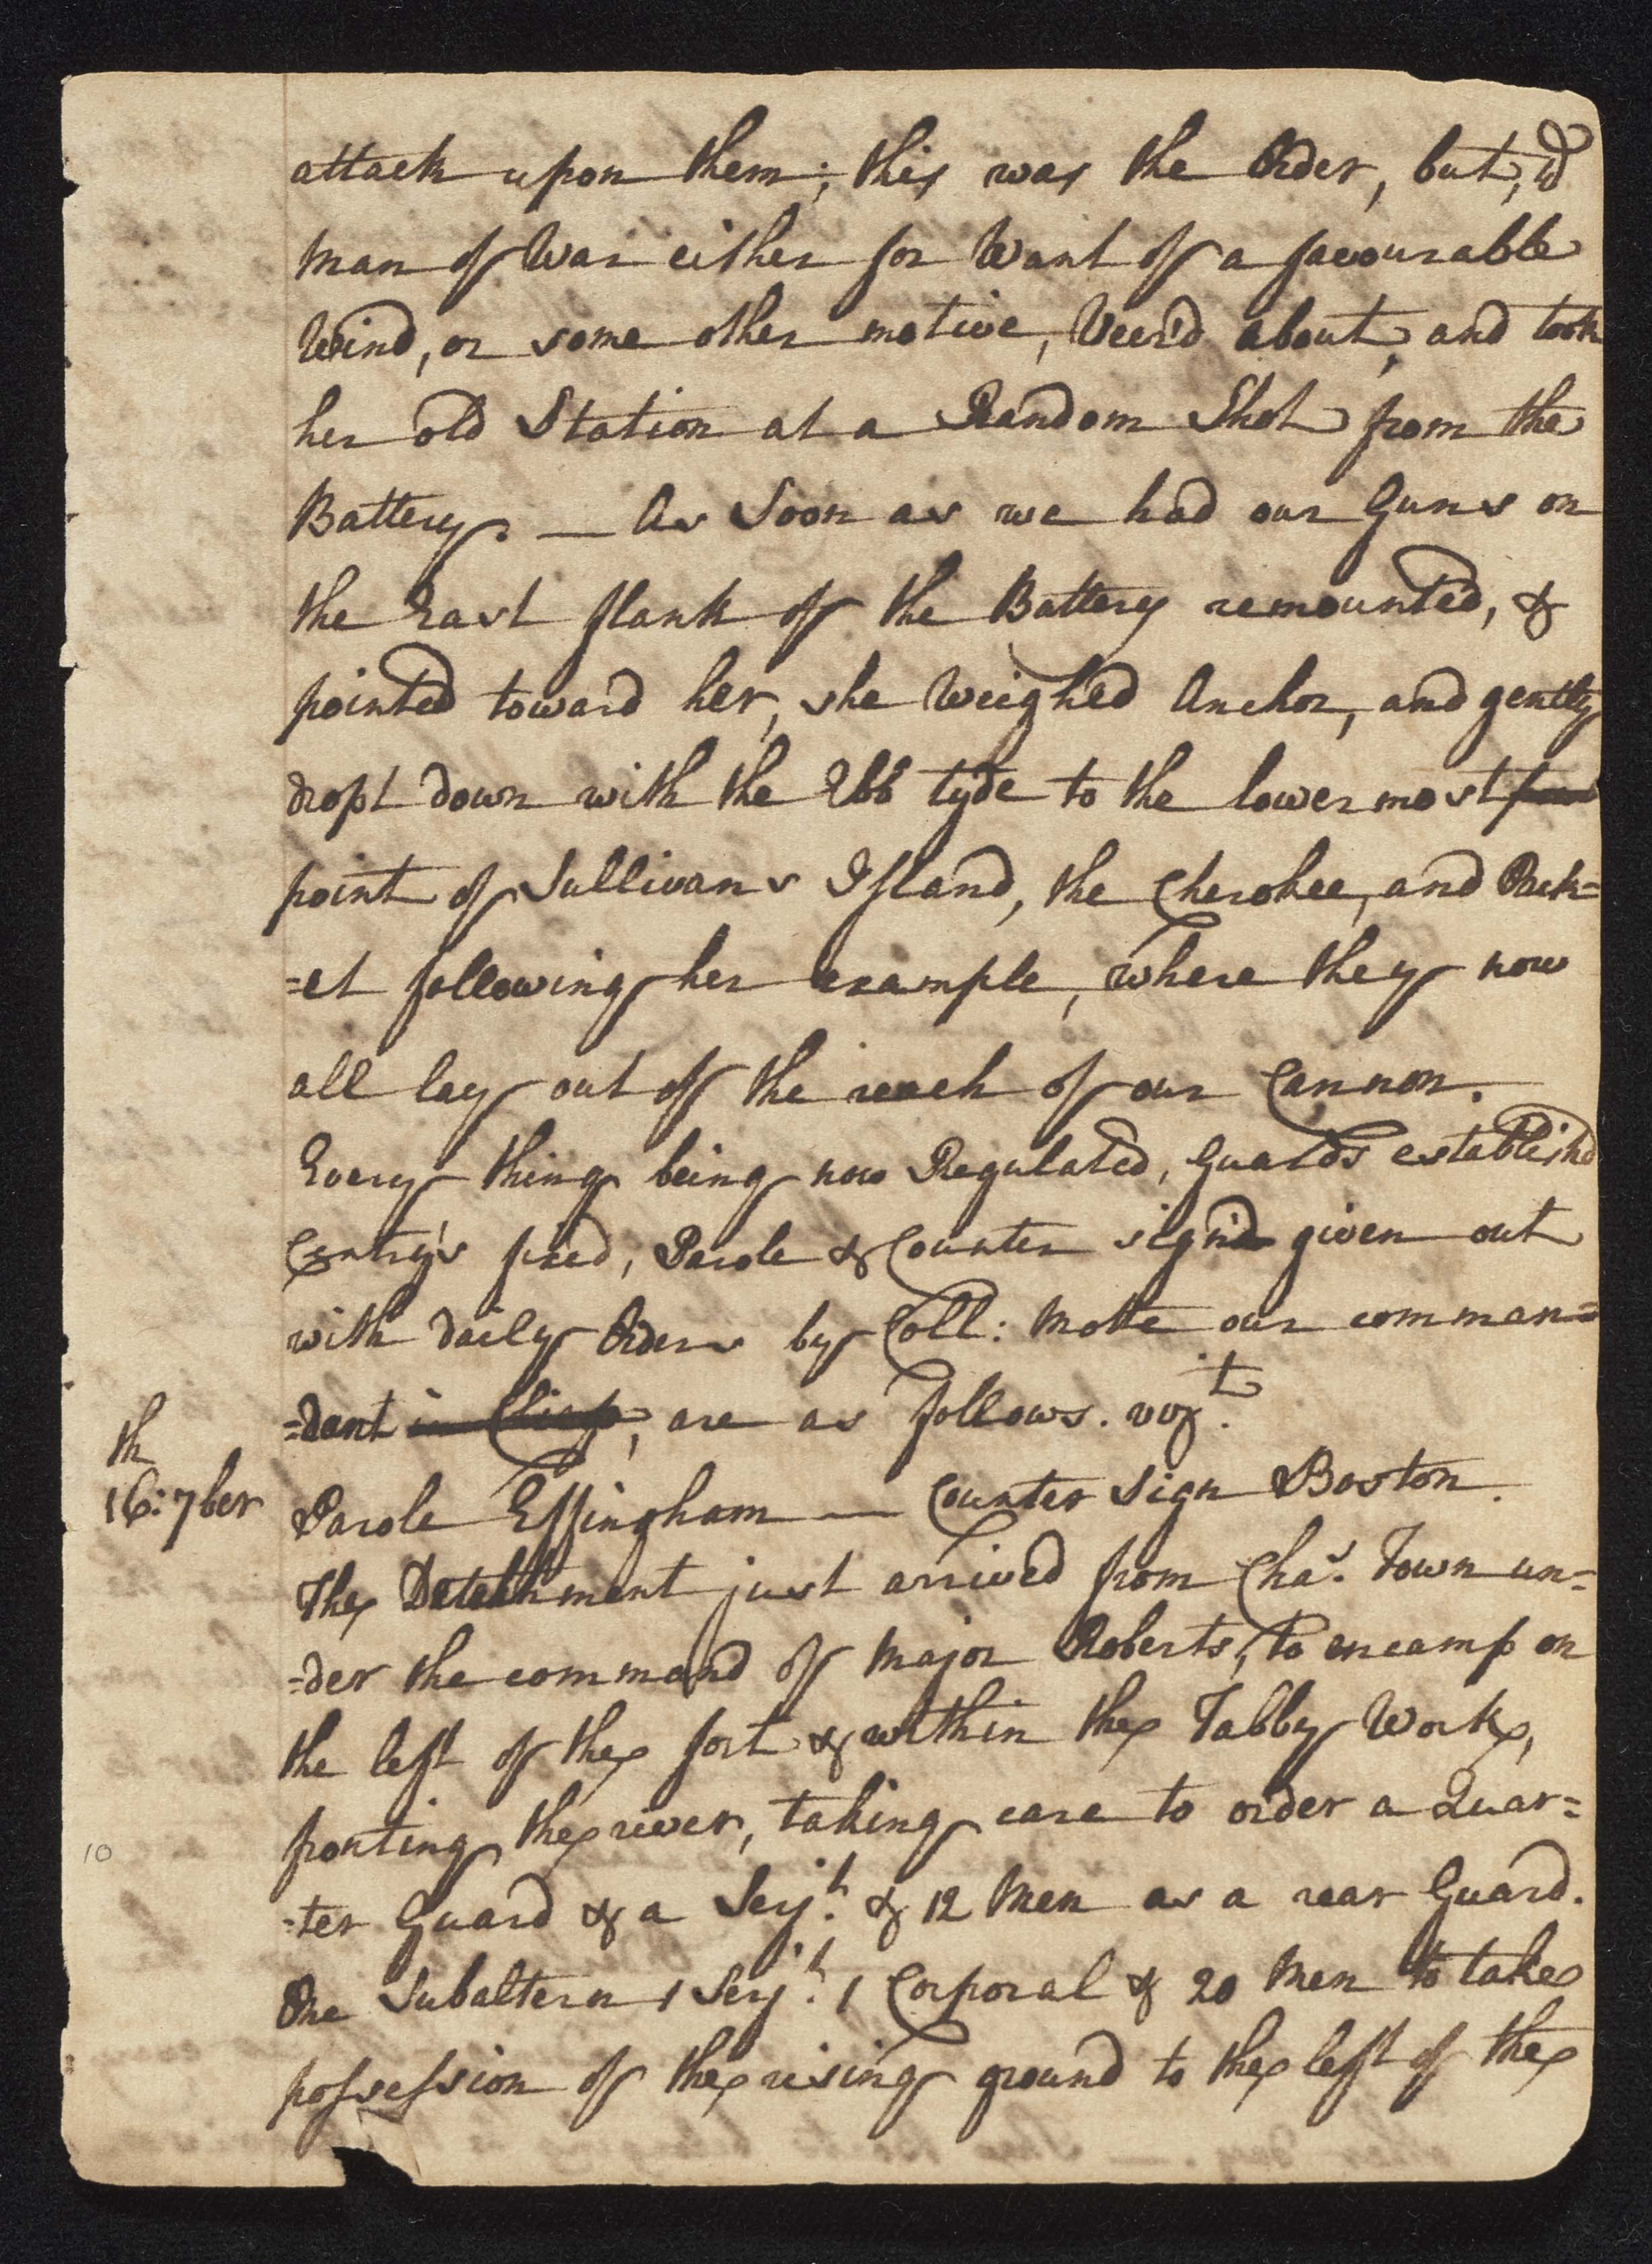 South Carolina Regiment Order Book, Page 19